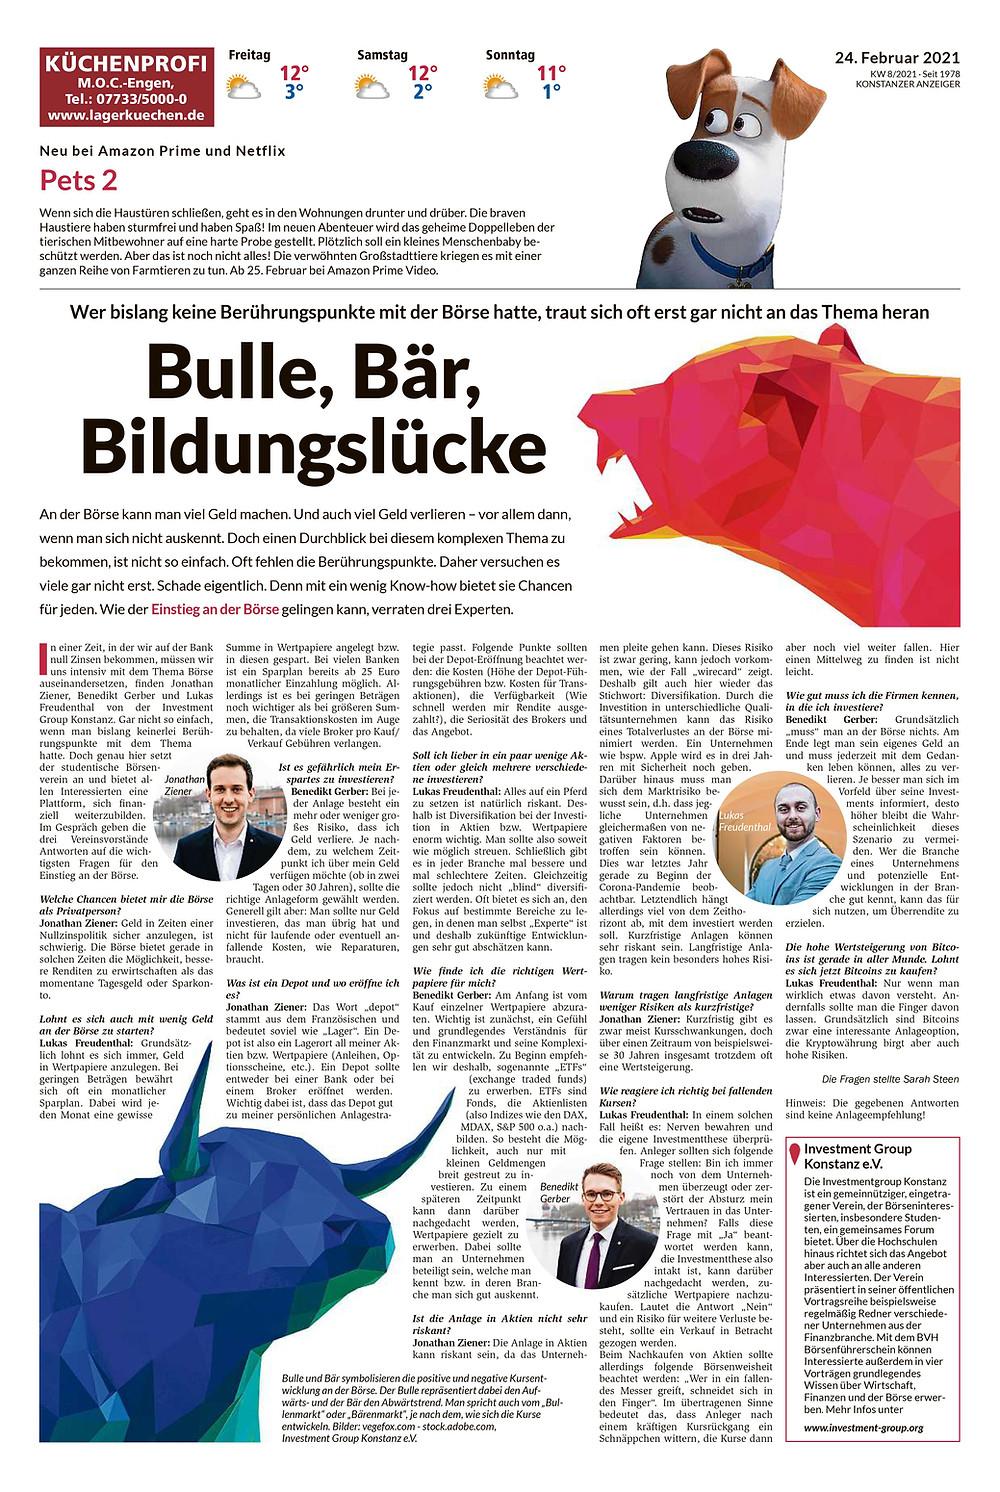 Zeitungsausschnitt aus dem Konstanzer Anzeiger, Ausgabe vom 24.02.2021. Interview mit Vorstandsmitgliedern der Investment Group Konstanz zum Einstieg an der Börse.